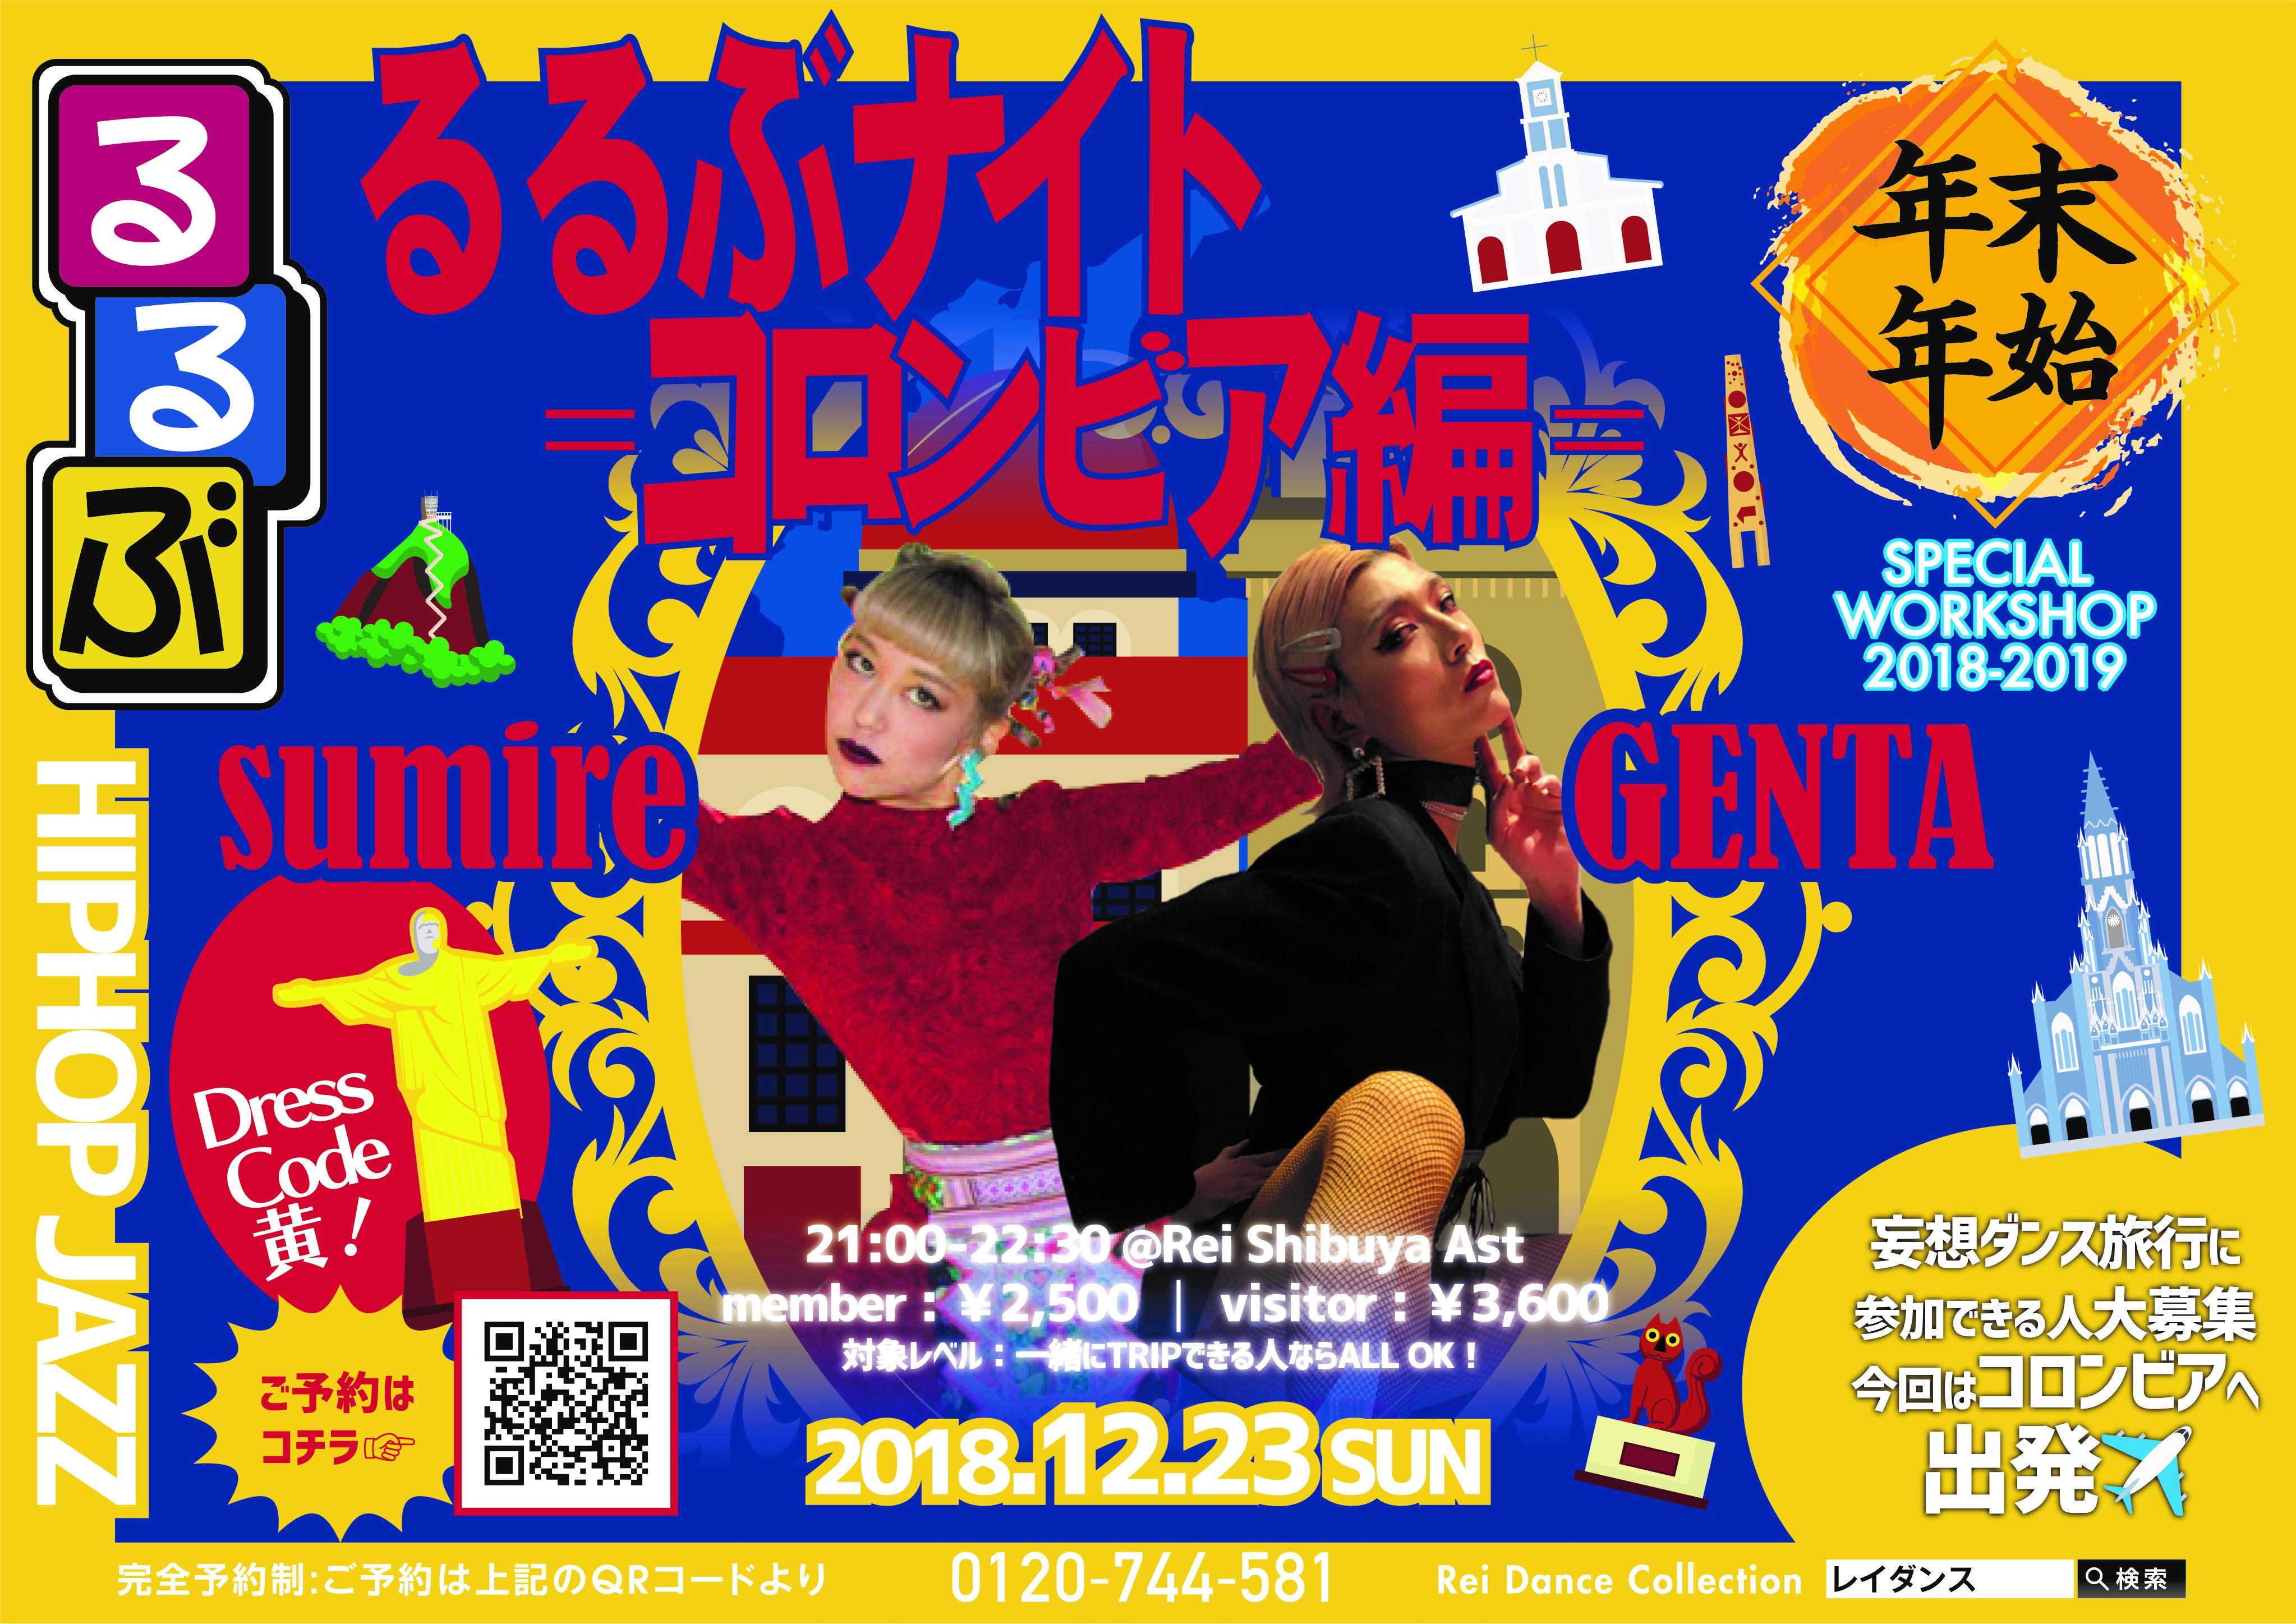 記事「妄想ダンス旅行に出発!?【sumire×GENTA】るるぶナイト=コロンビア編= SPECIALコラボWORKSHOP開催決定!!」の画像